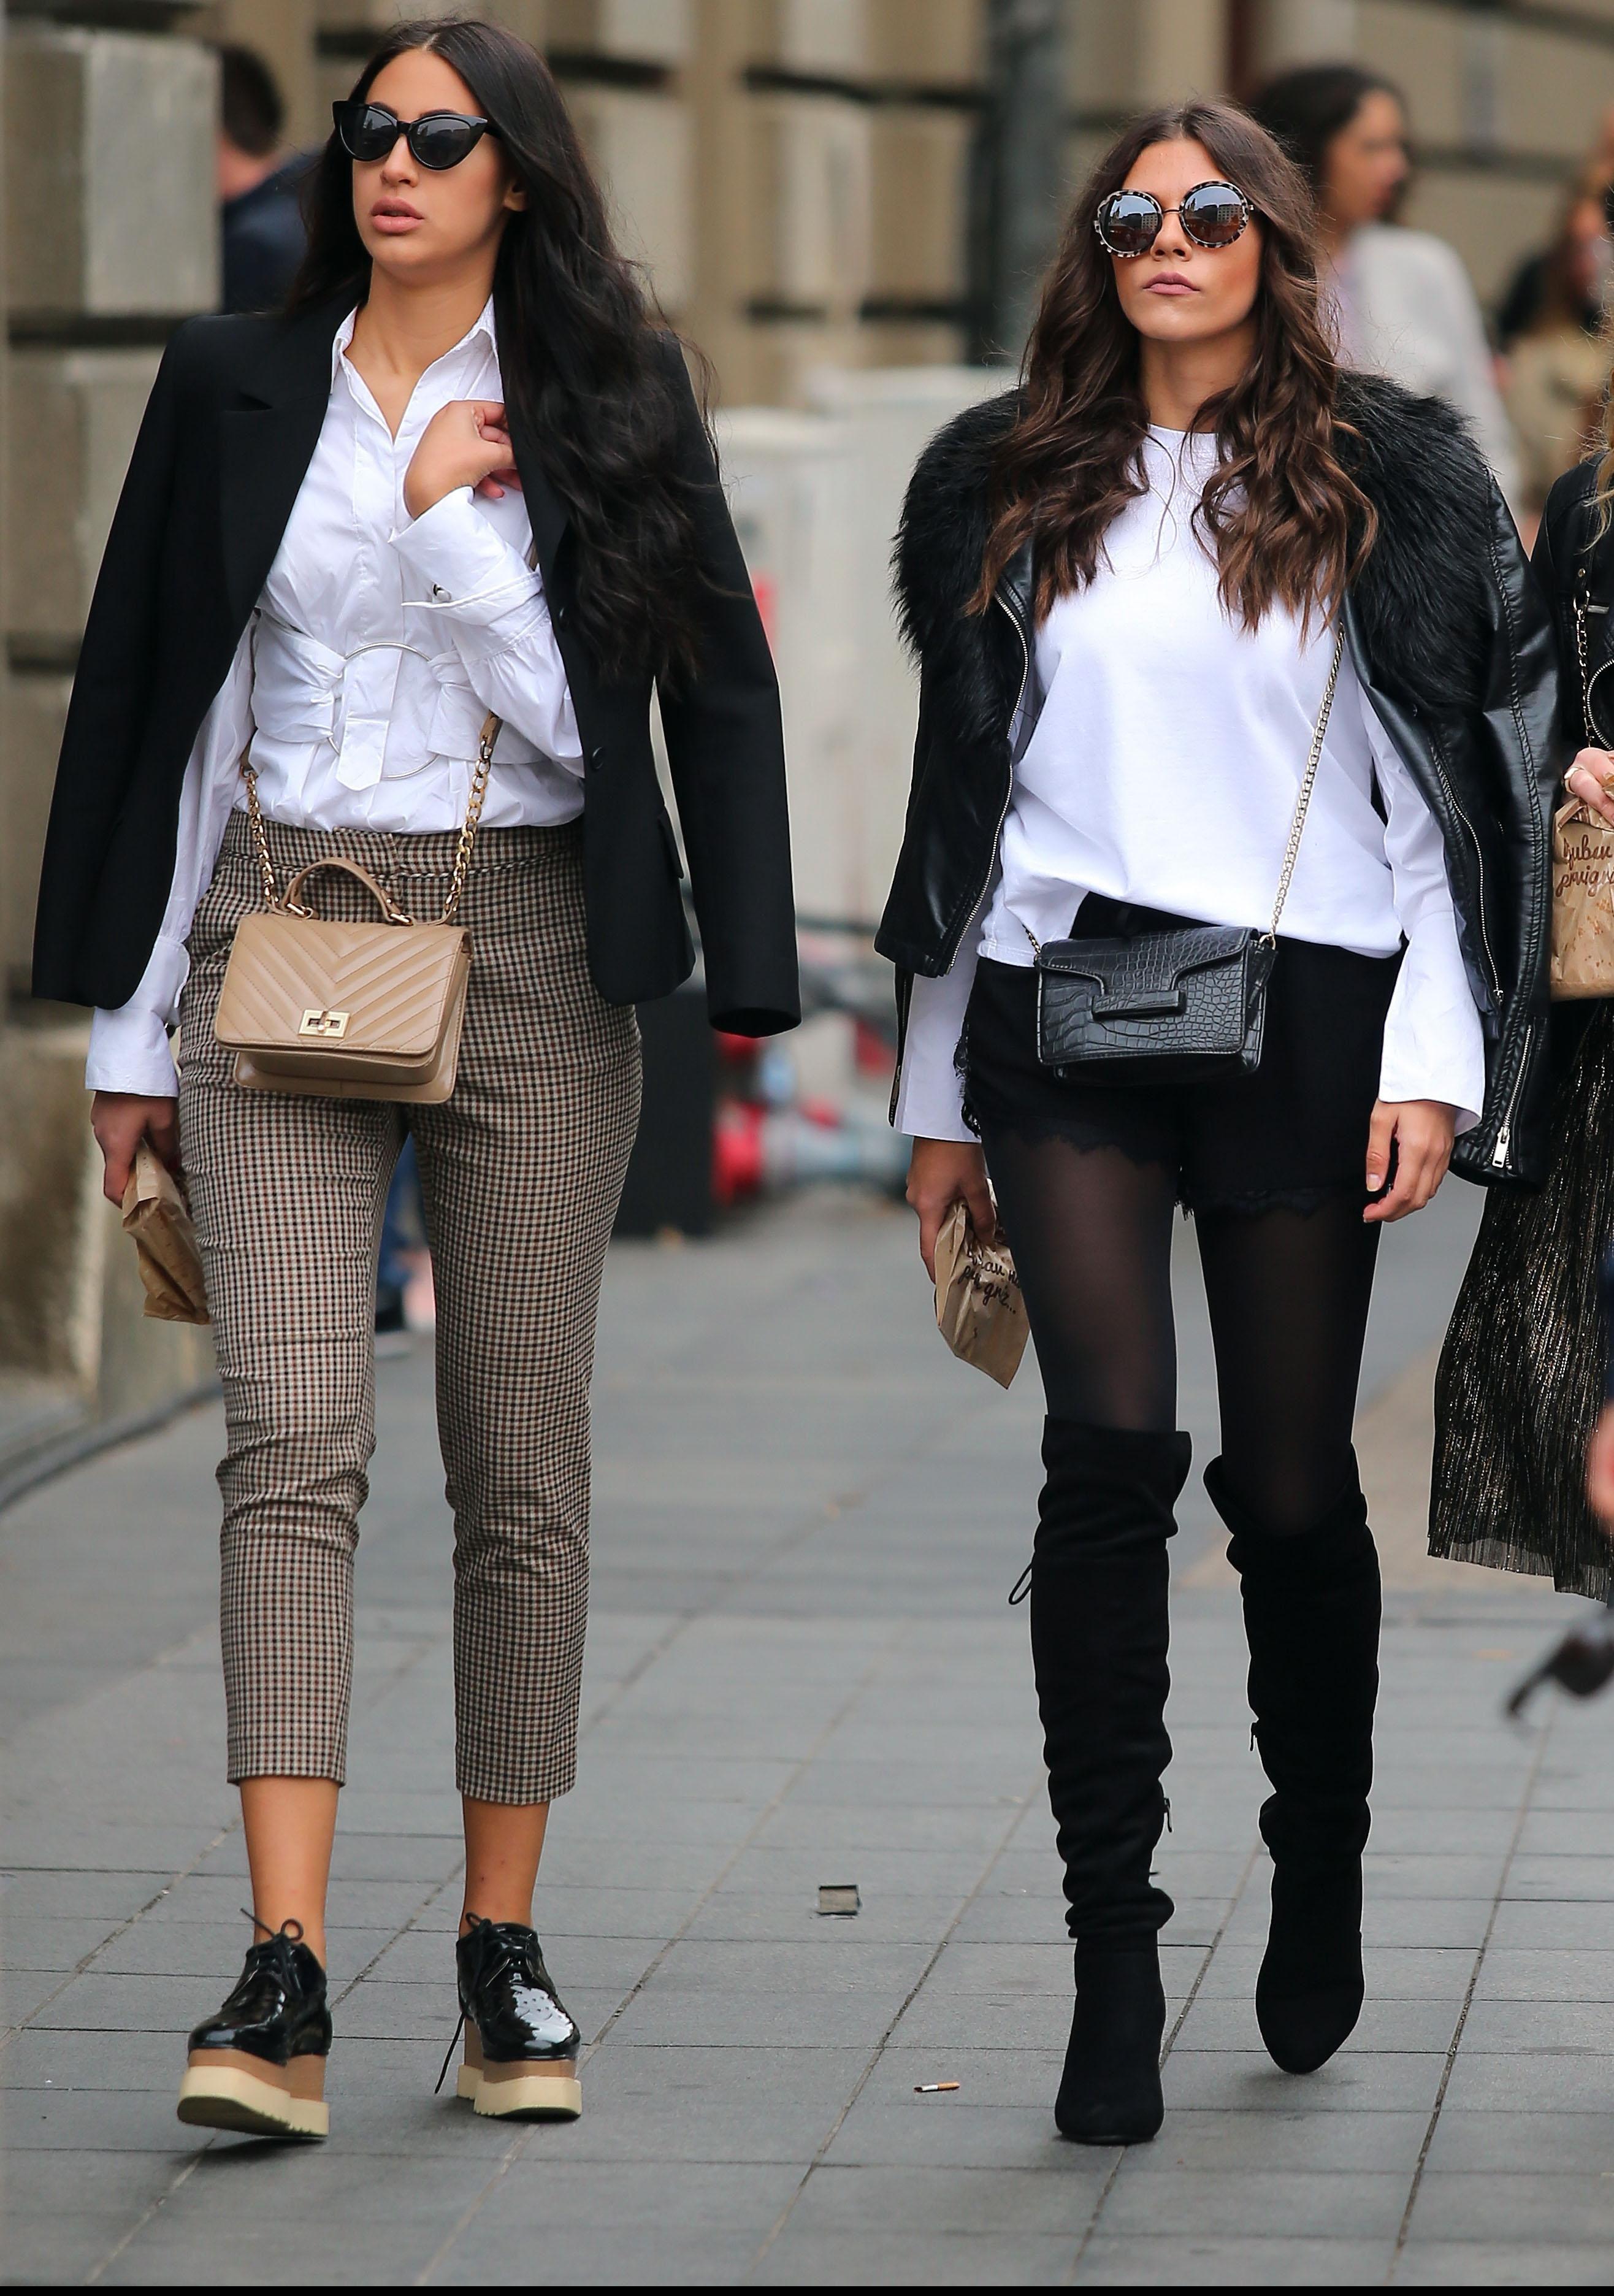 Čizme iznad koljena jesenski su must have, a glavno je pitanje - koja ih dama bolje nosi?